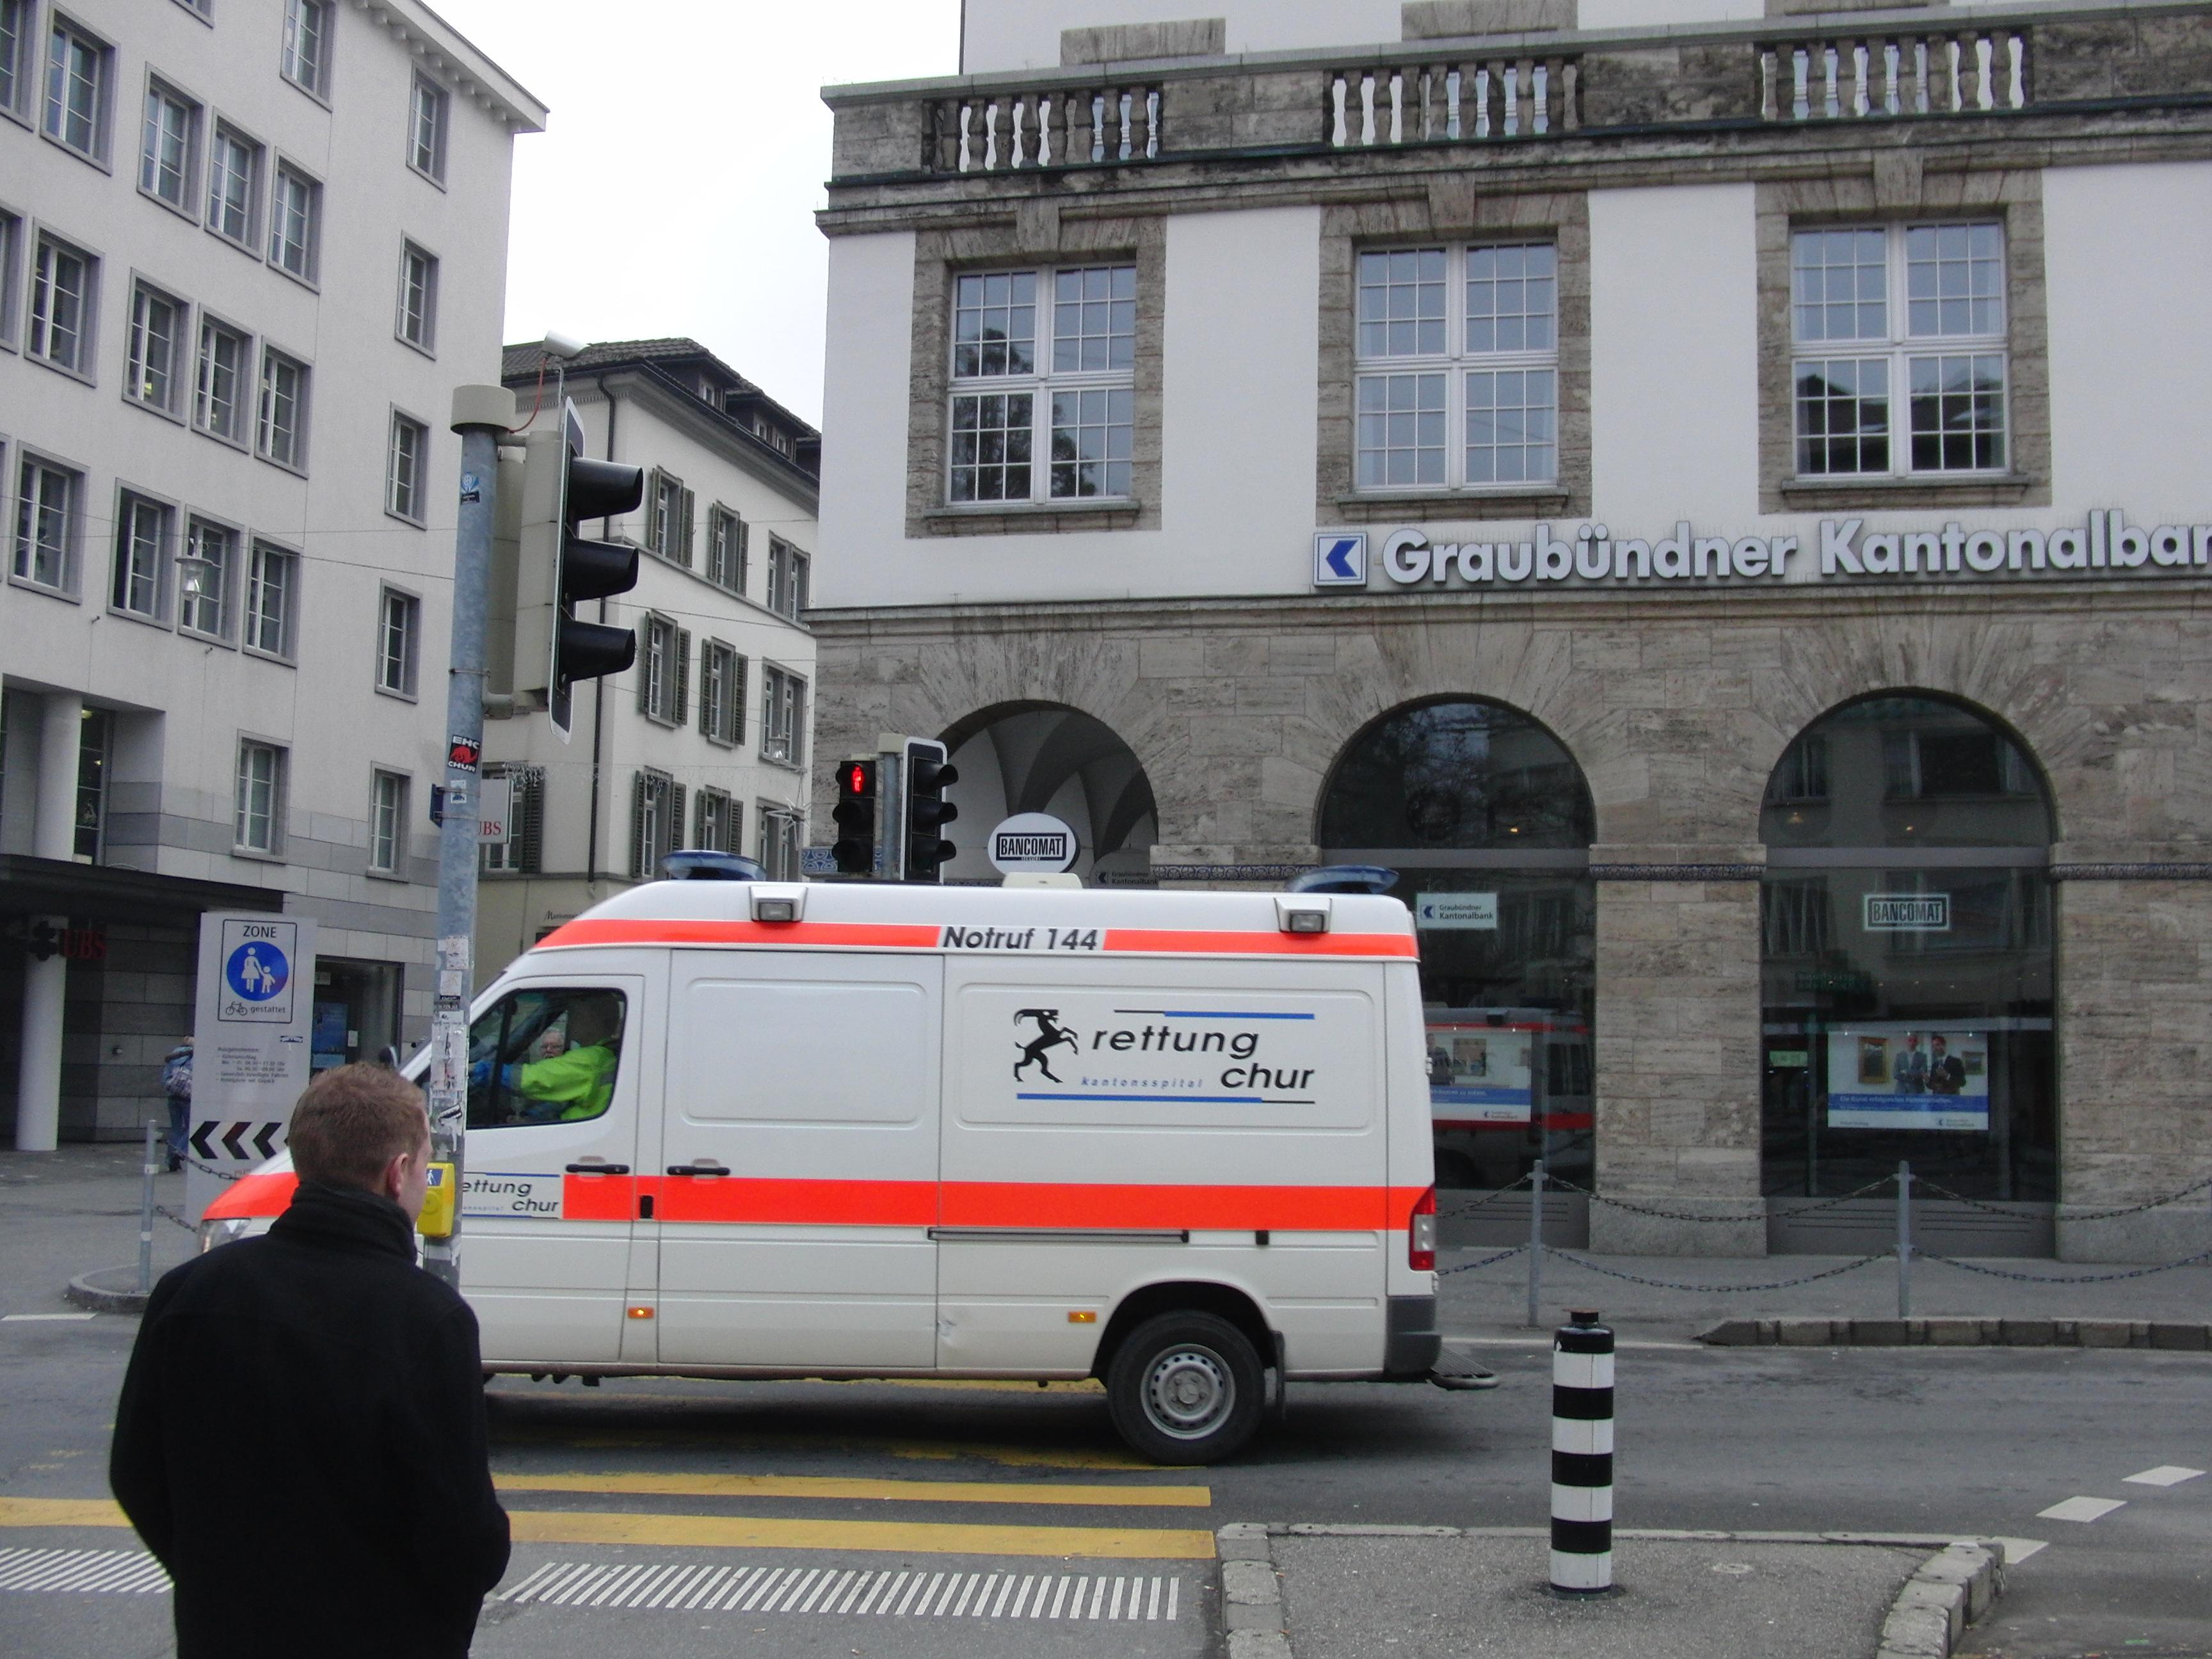 Beim brutalen Raub wurde das Opfer verletzt und mußte ins Kantonsspital Chur gebracht worden, berichtet die Kapo Graubünden (Archivfoto: Spital24.ch)